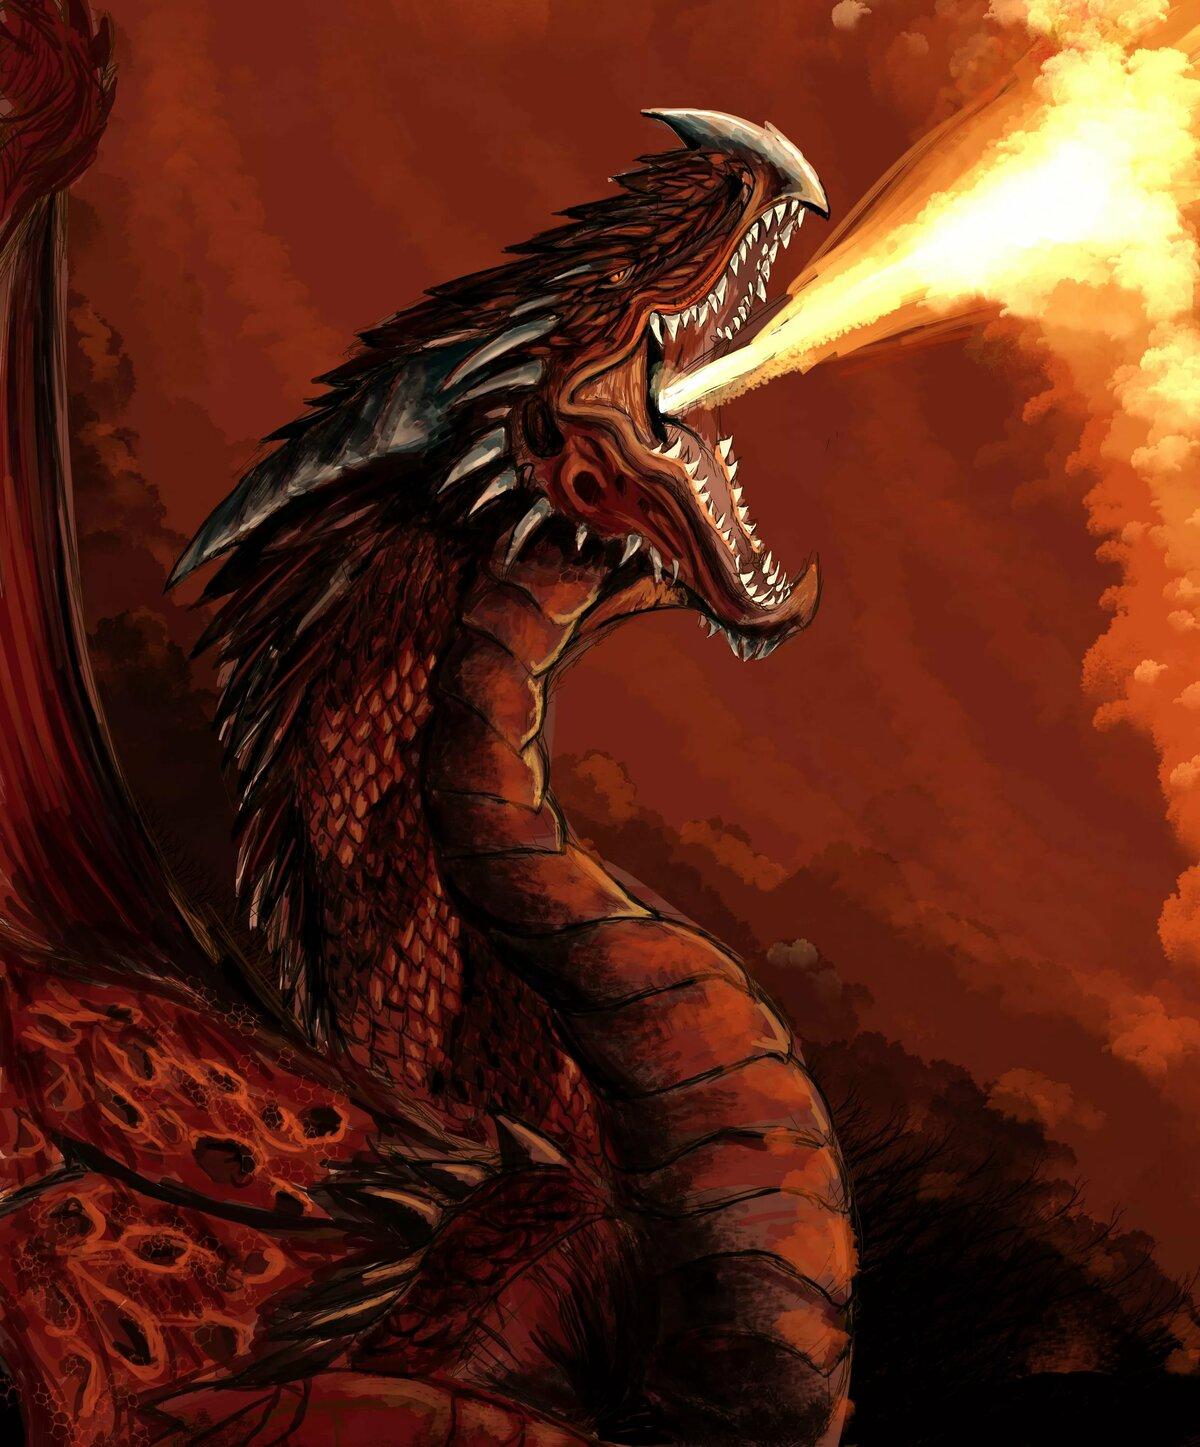 поклонники картинки огня из пасти дракона самых красивых